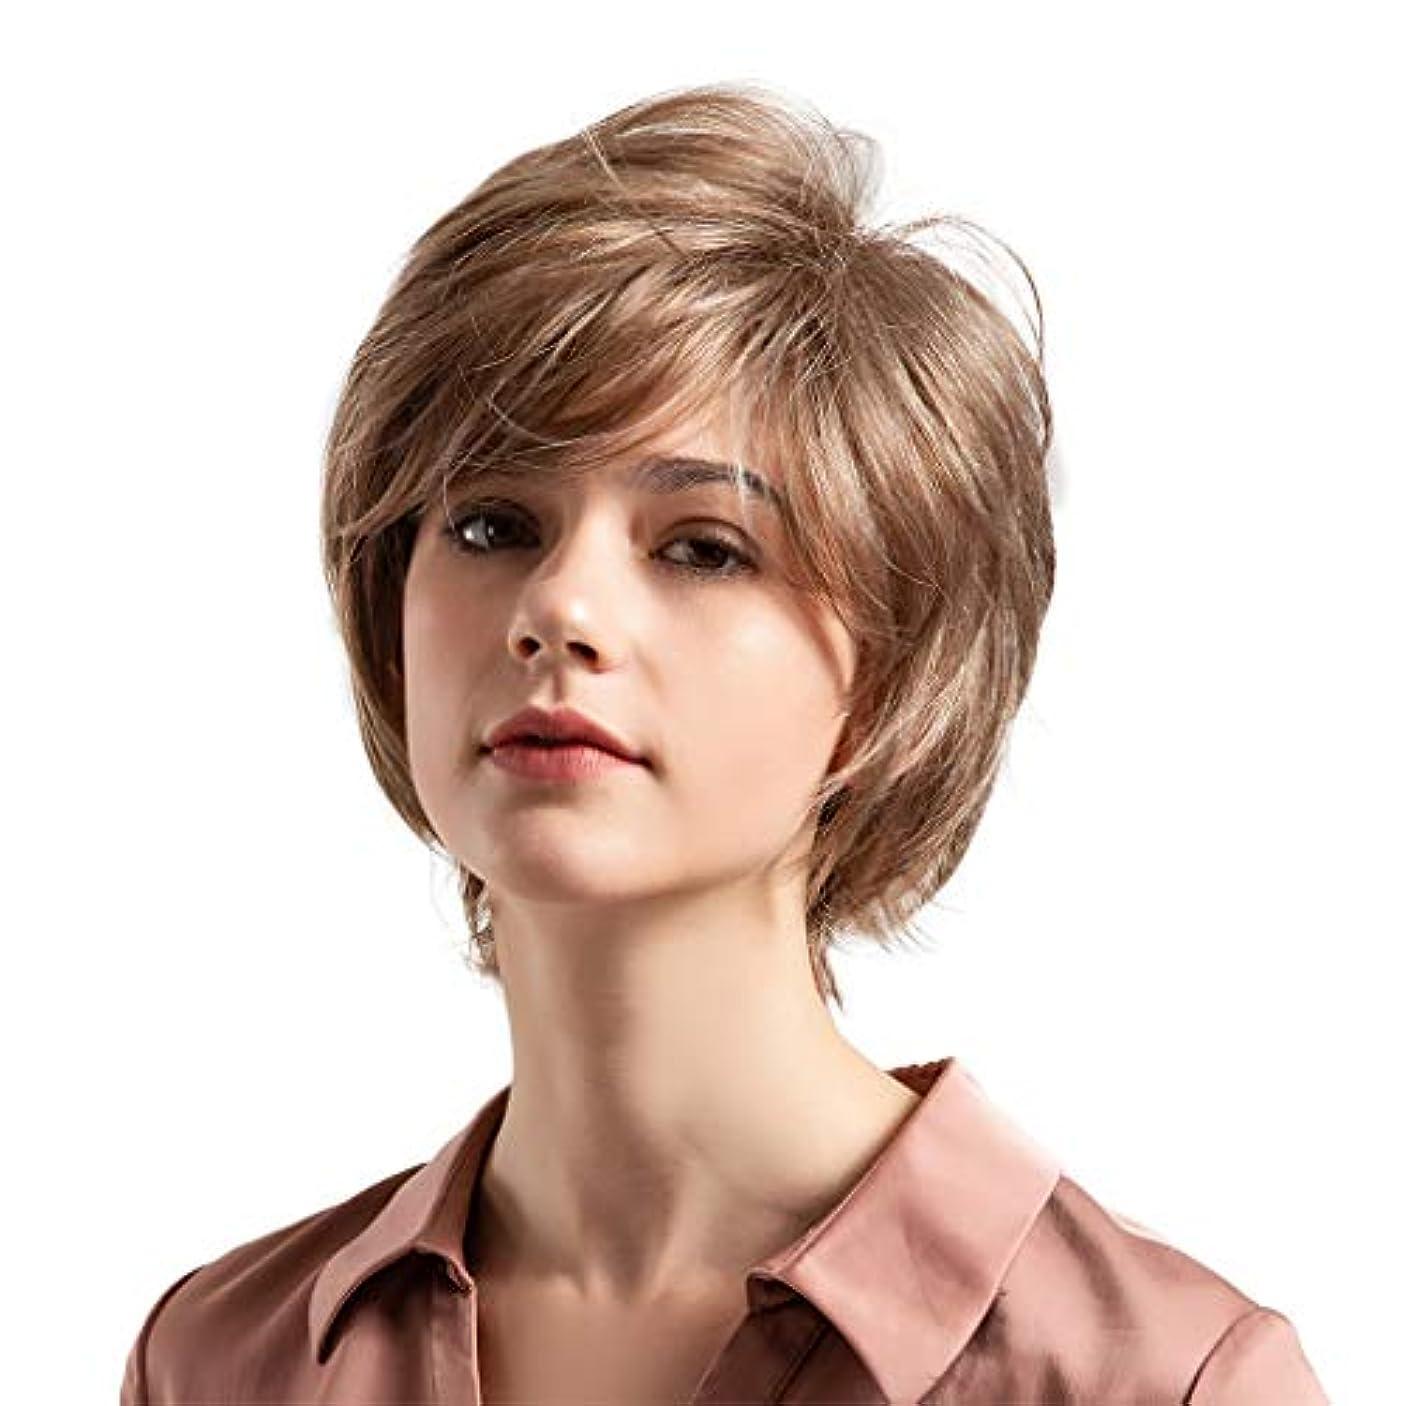 気絶させる人物雑多な薄茶色の混合色の自然な巻き毛の短い髪の かつら